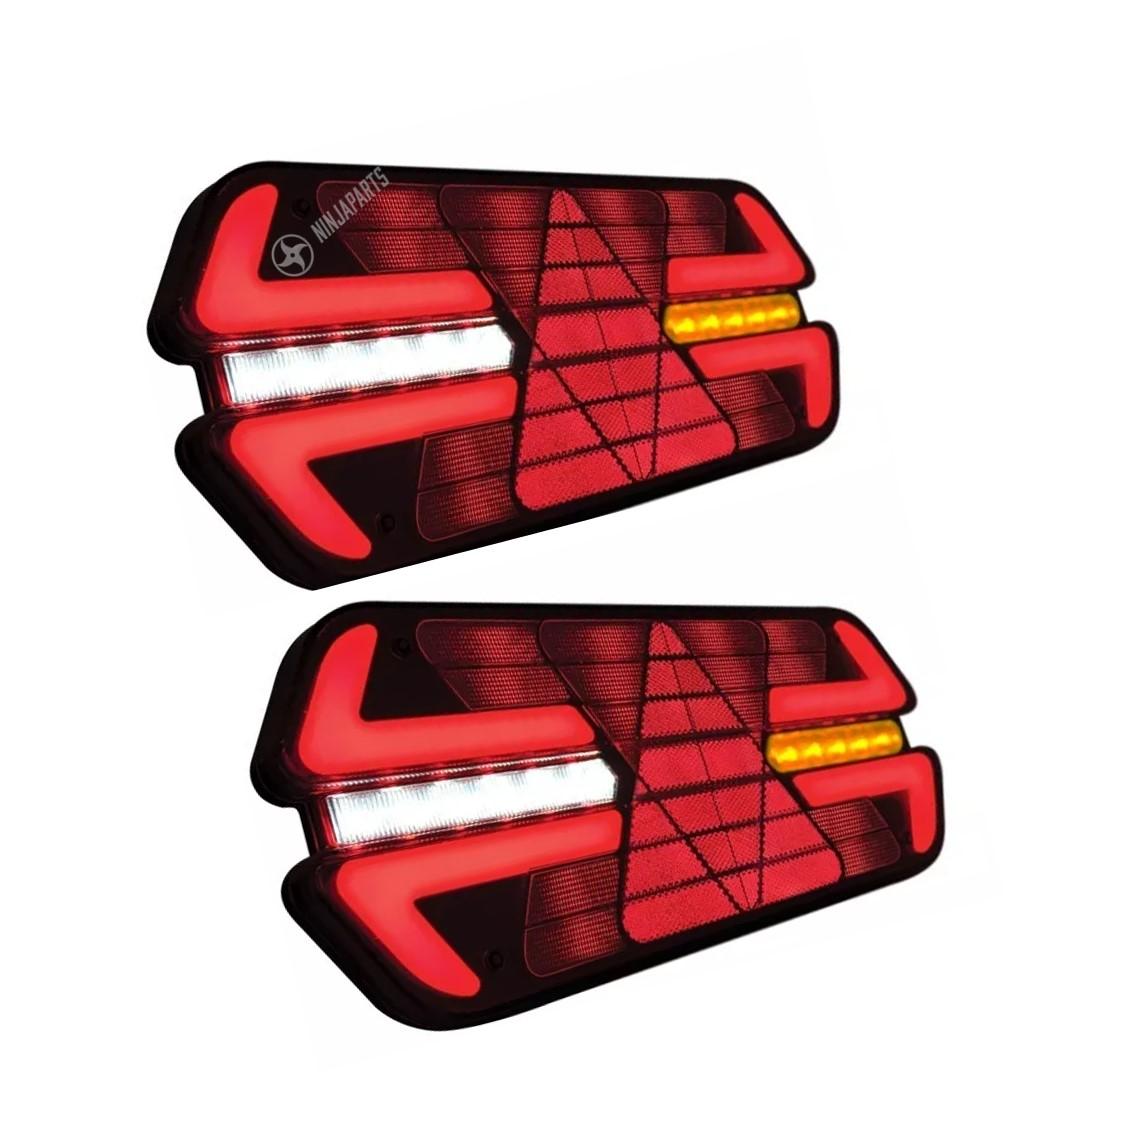 PAR LANTERNA TRASEIRA LED TRIPLO X PISCA SEQUENCIAL - PRADOLUX - 12V/24V - VERMELHA COM CHICOTE